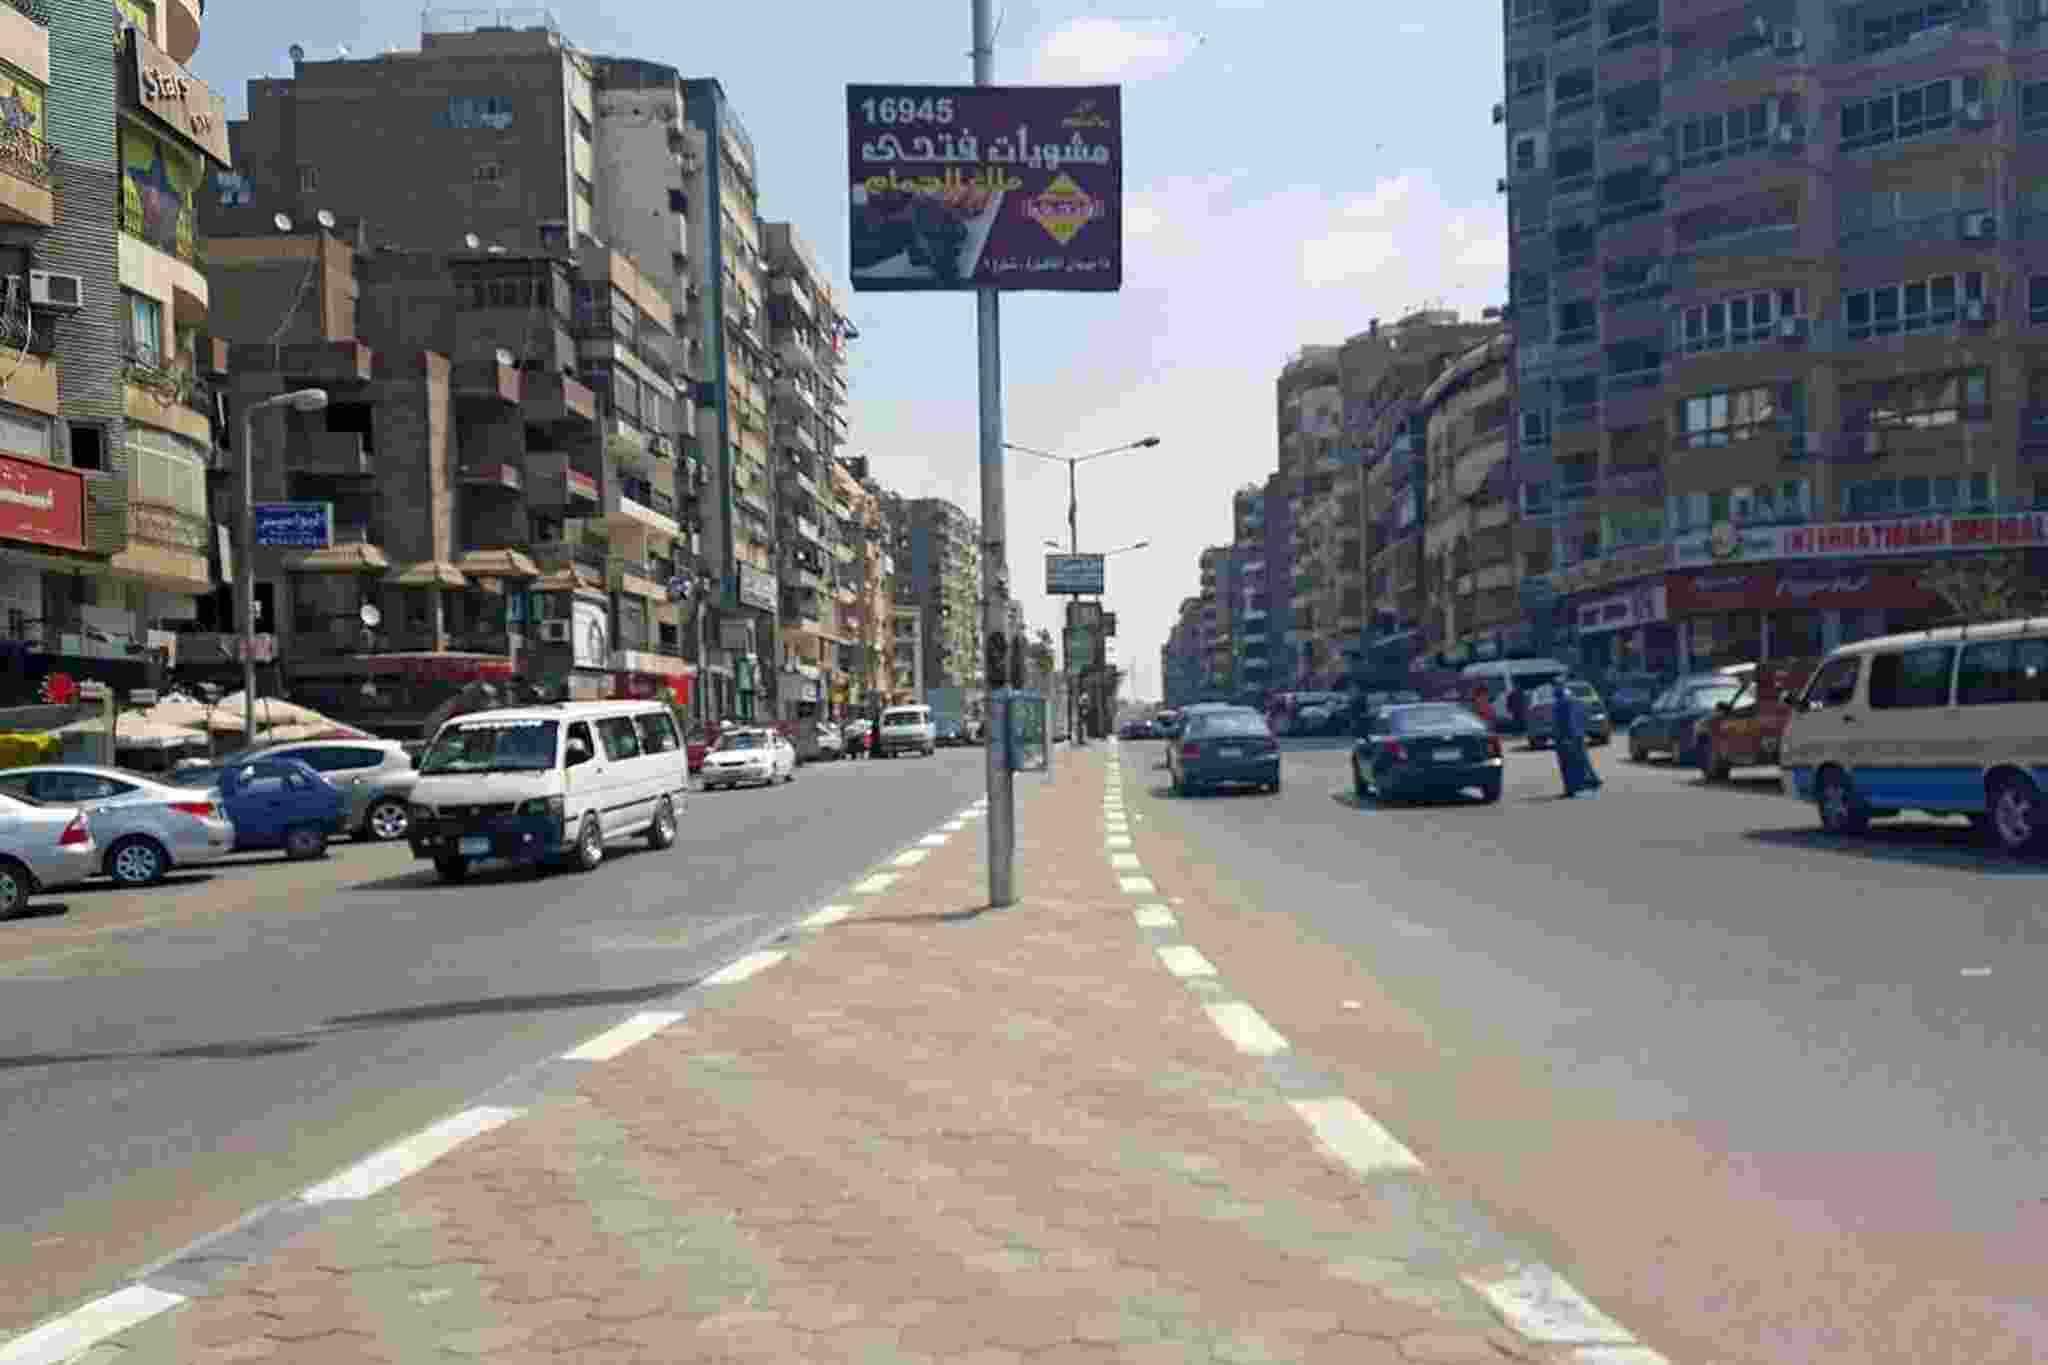 أفضل أماكن تجد بها شقق بالتقسيط في القاهرة